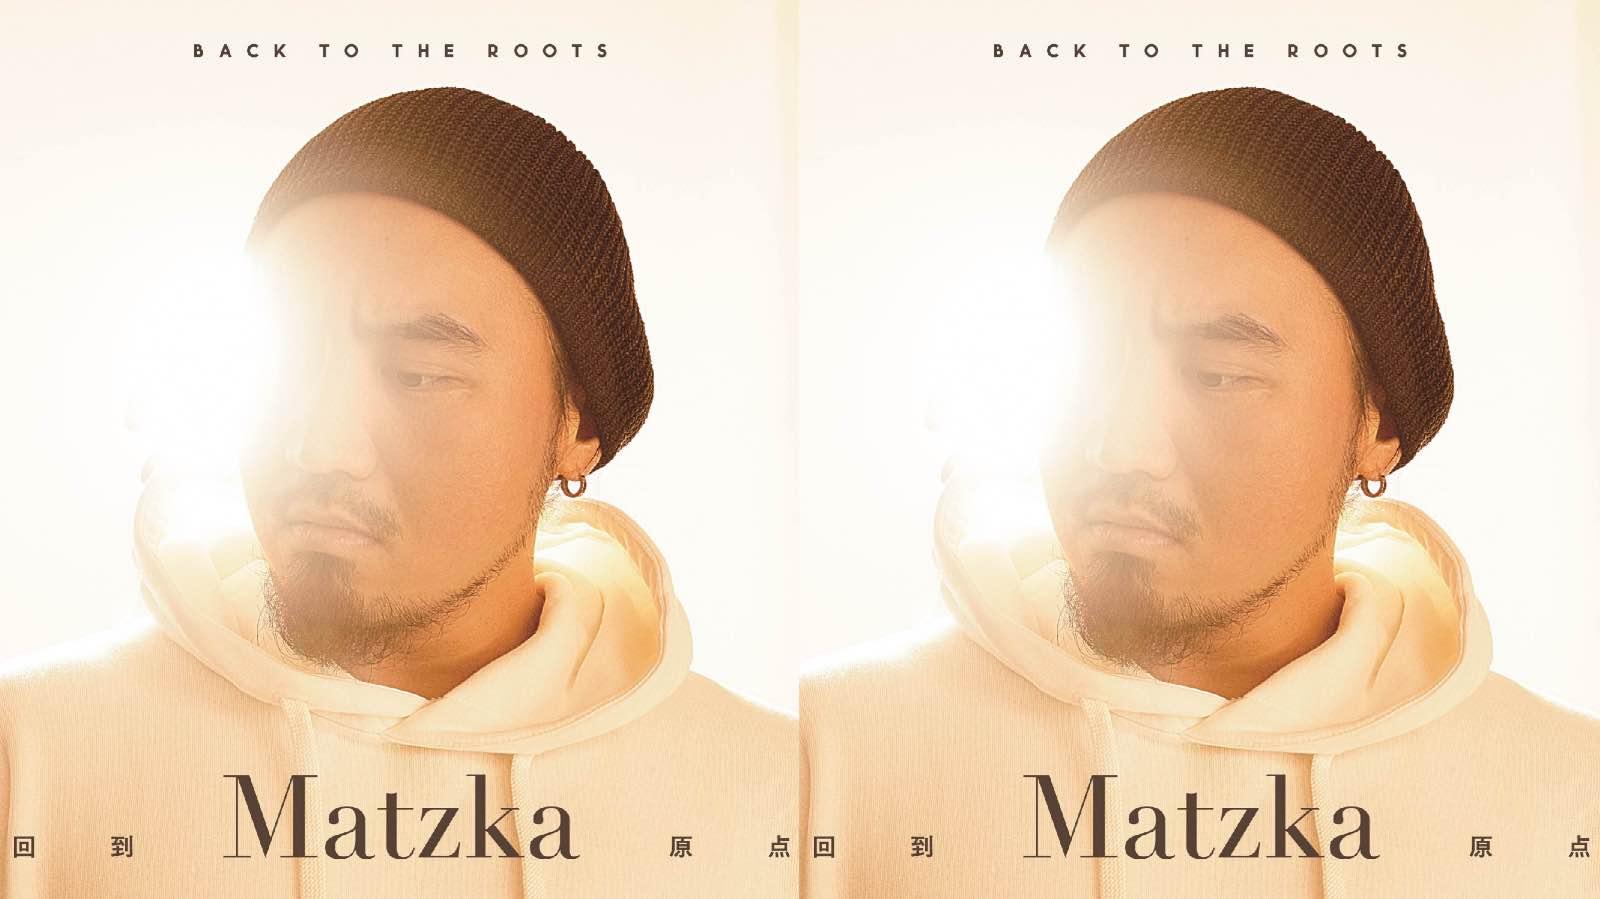 """Matzka 玛斯卡2020全新大碟今日发行  出道十年用音乐""""回到原点"""""""